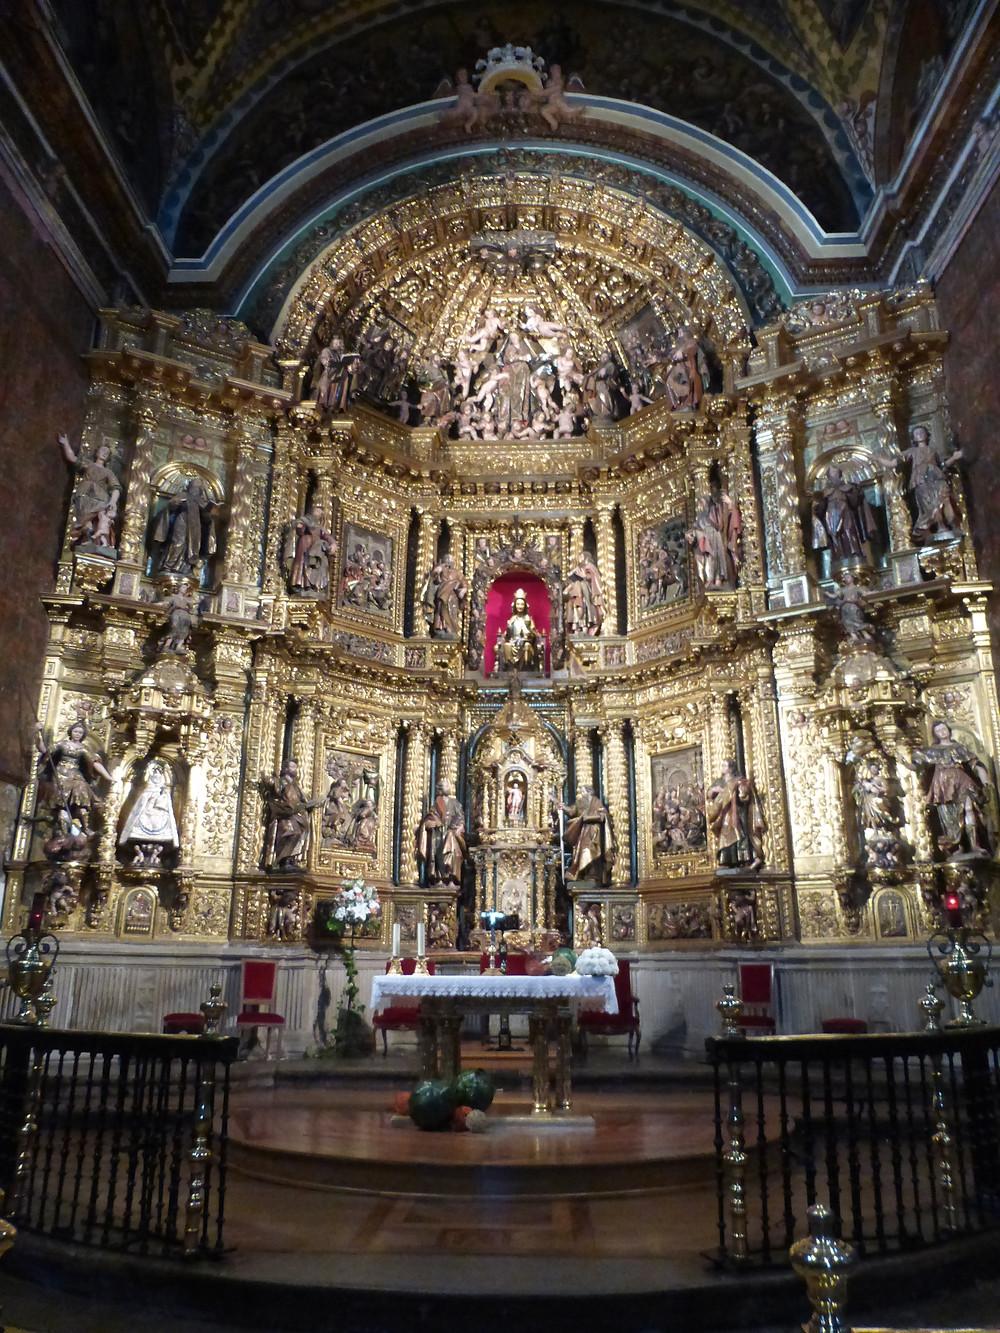 Camino Illuminated Church